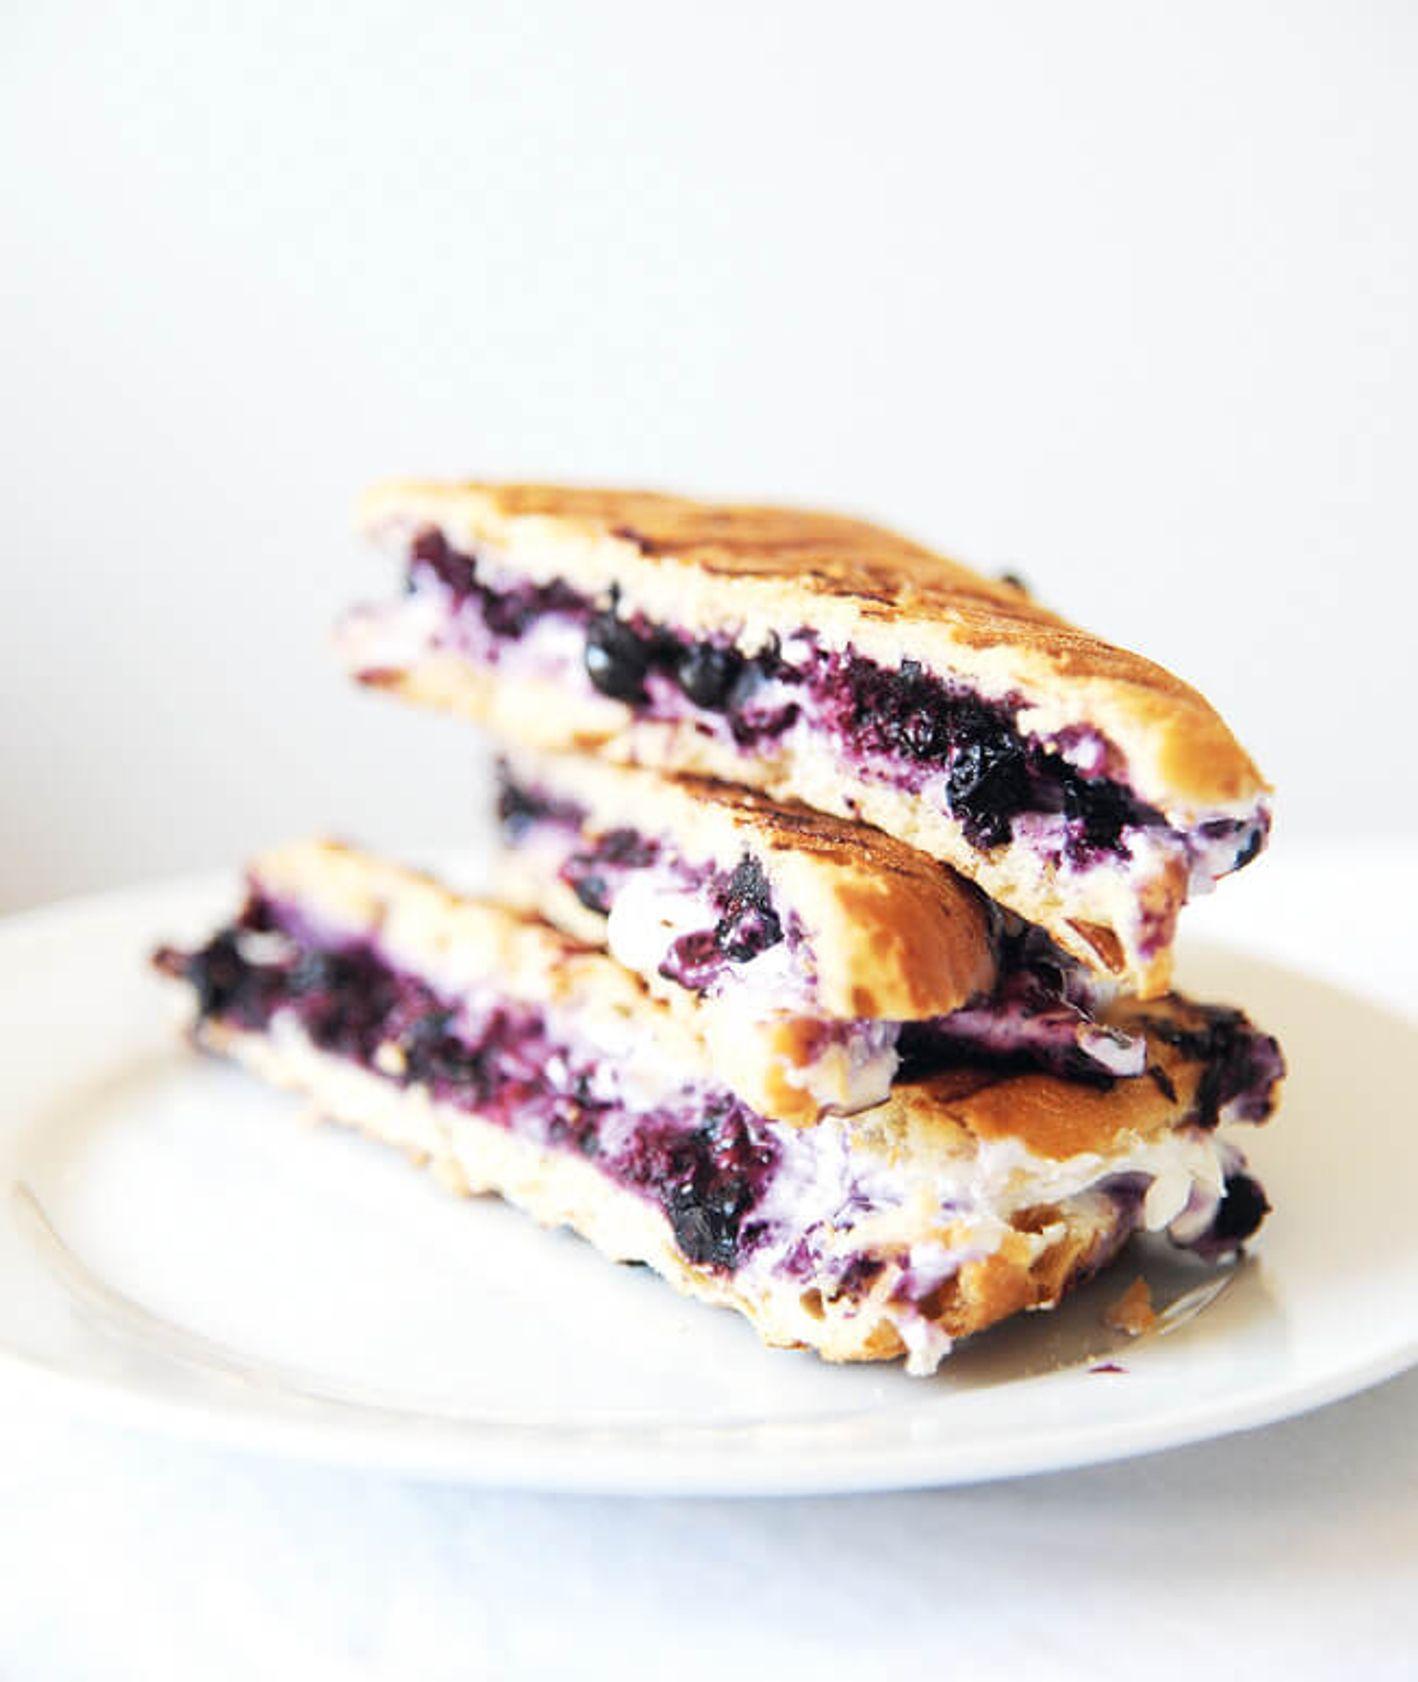 crostini z halloumi i jagodami, tosty z halloumi, grillowane halloumi, ser halloumi, tosty na słodko, śniadanie na słodko, przepis Tosia Kolo, burczymiwbrzuchu